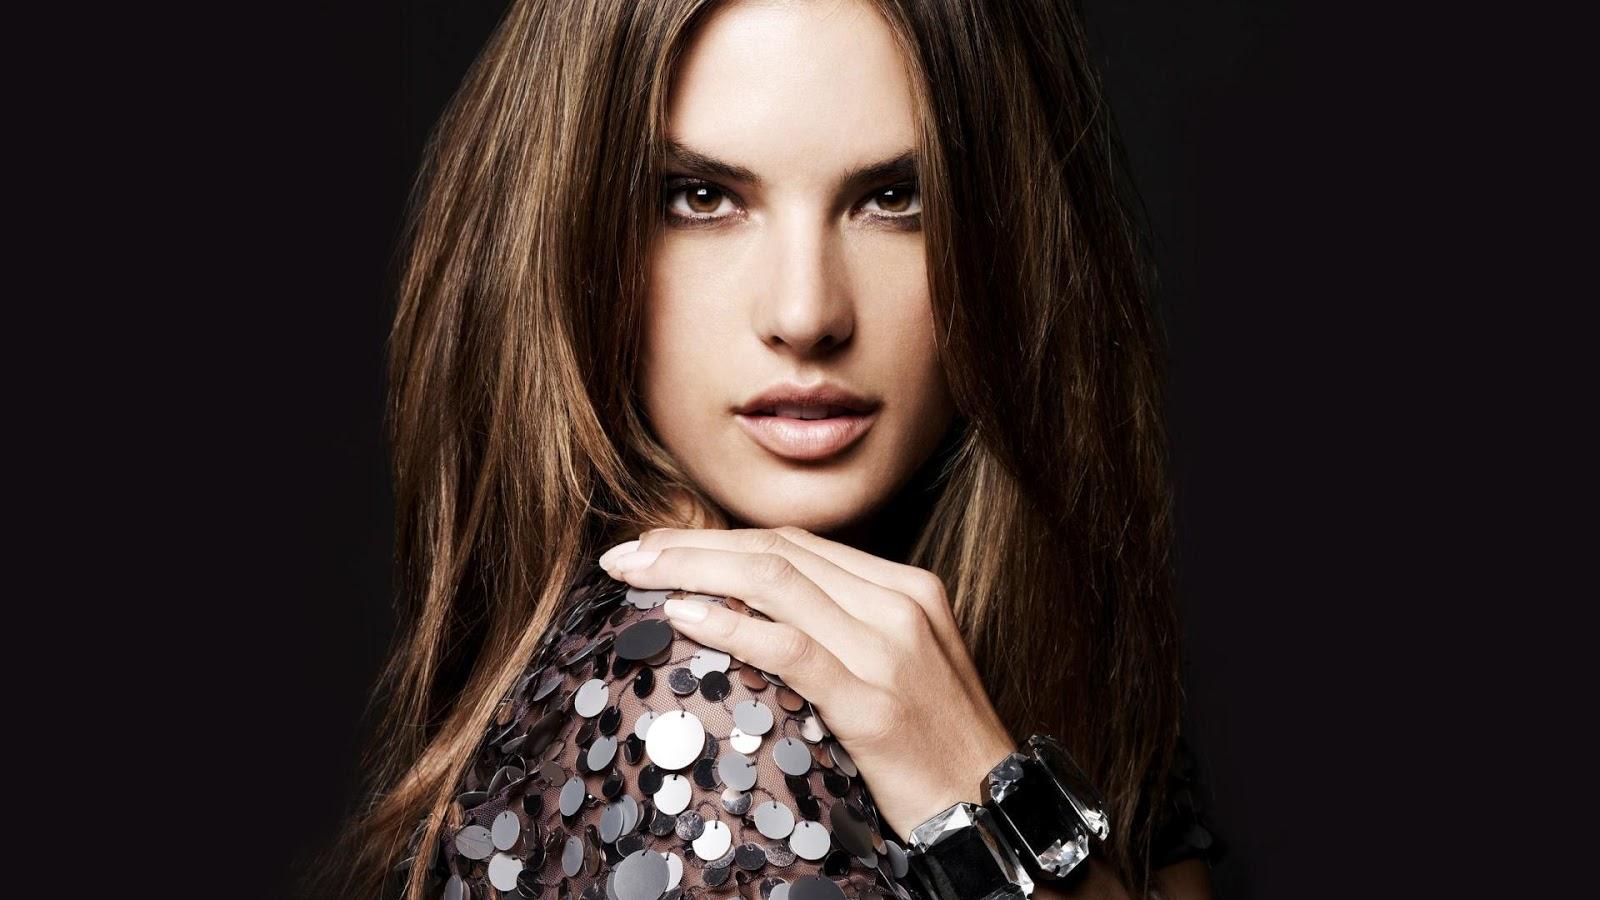 Alessandra Ambrosio Cute Pic